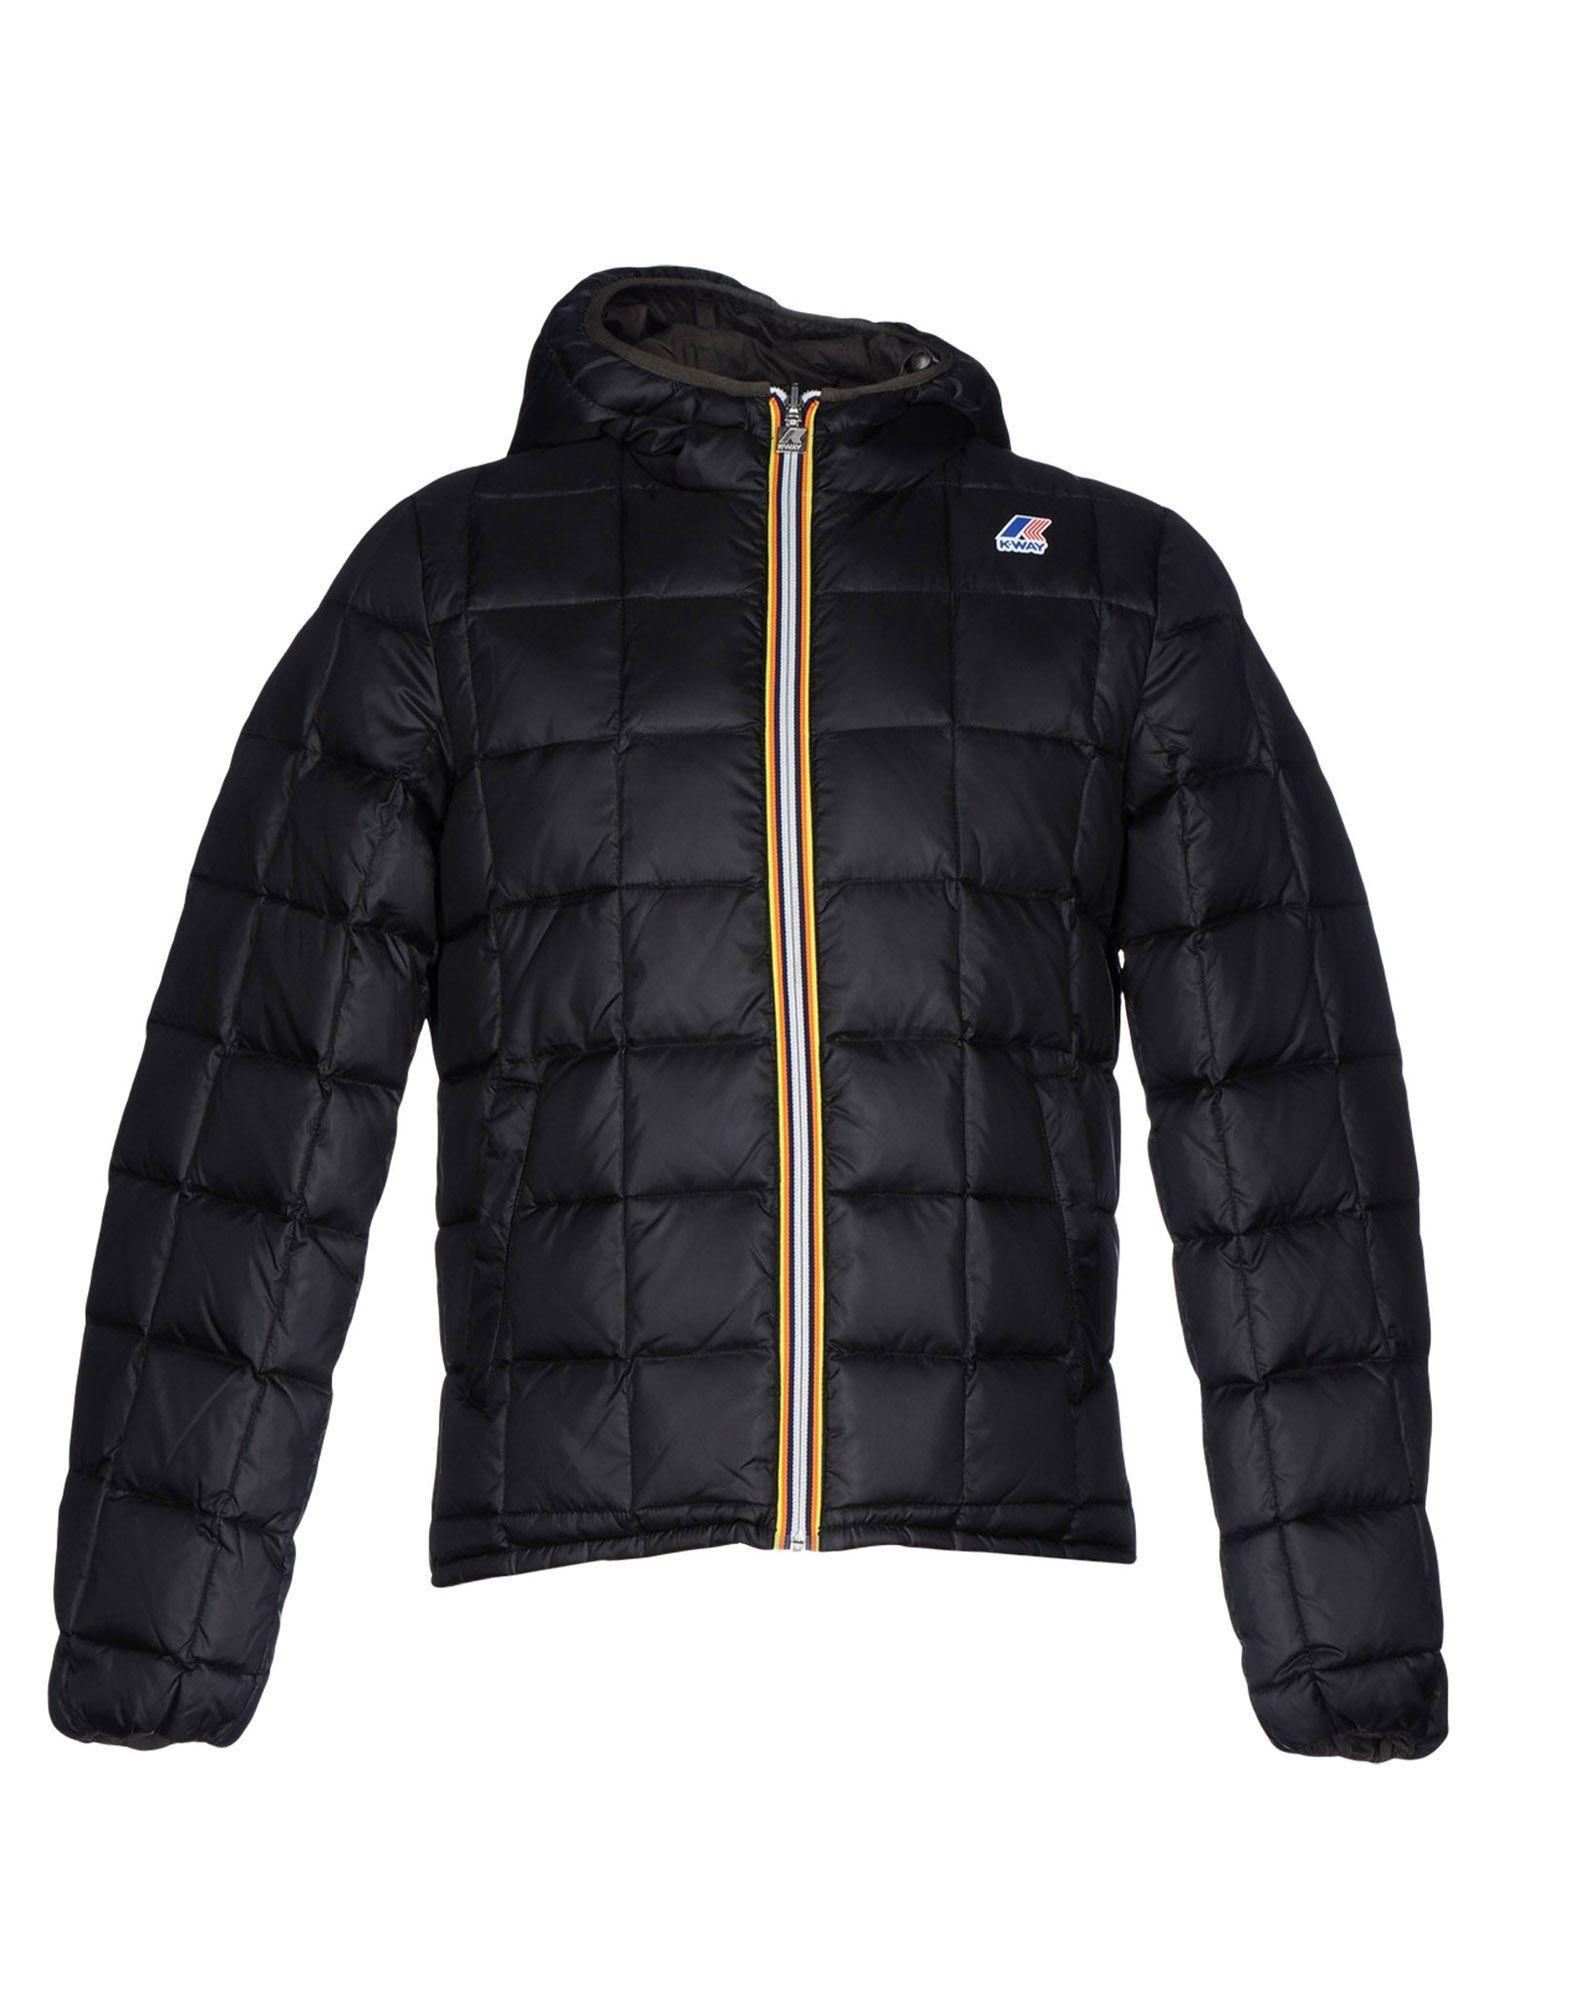 K-way Down Jacket In Black